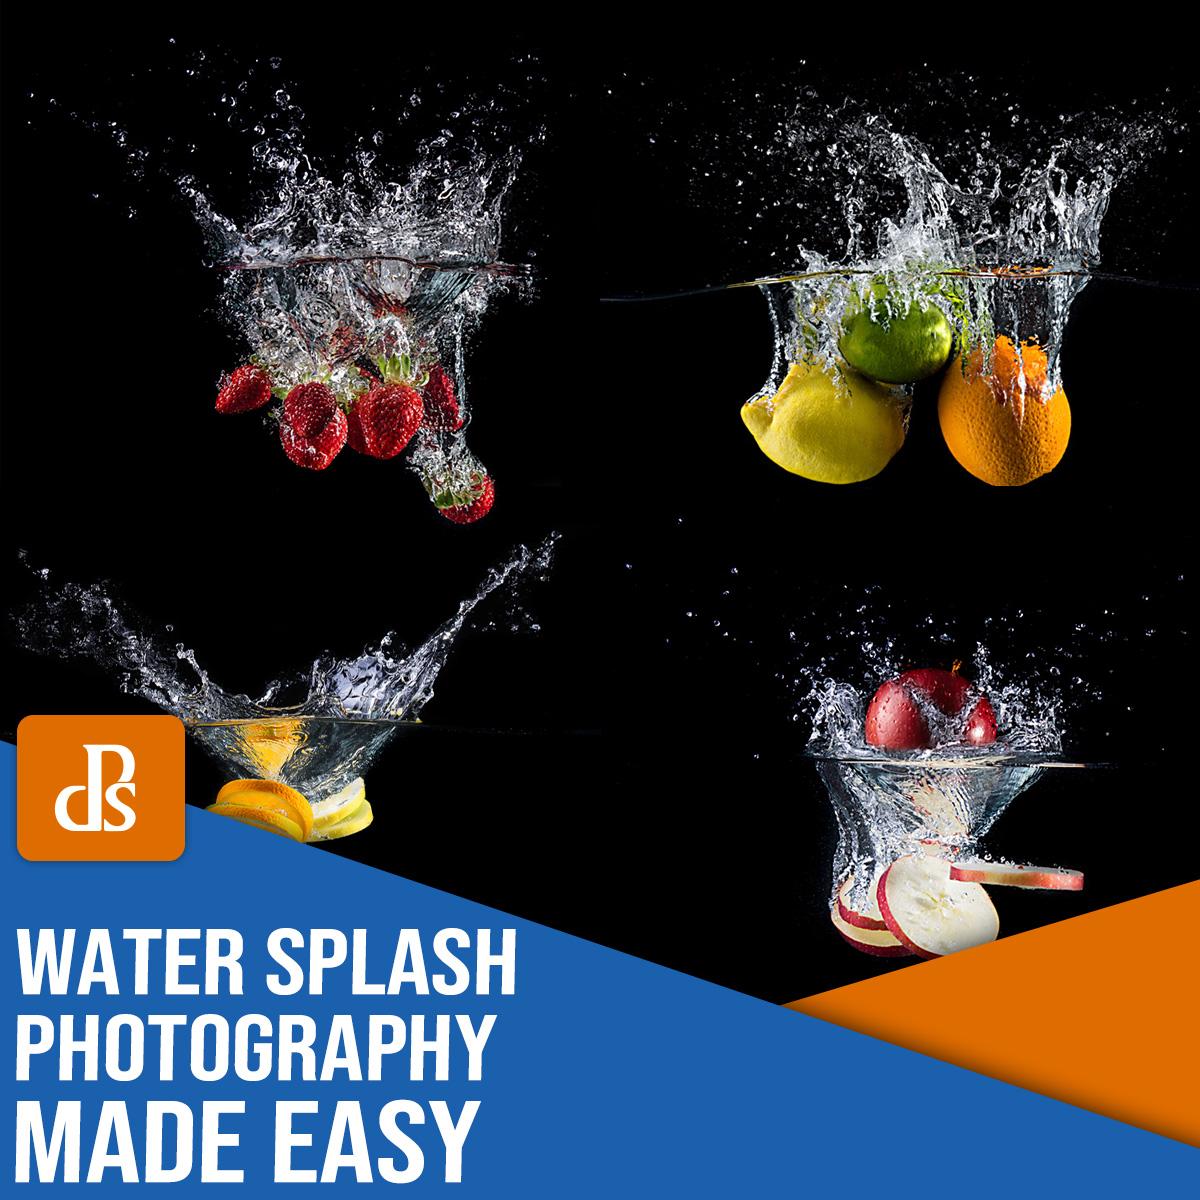 fotografia fácil com respingos de água